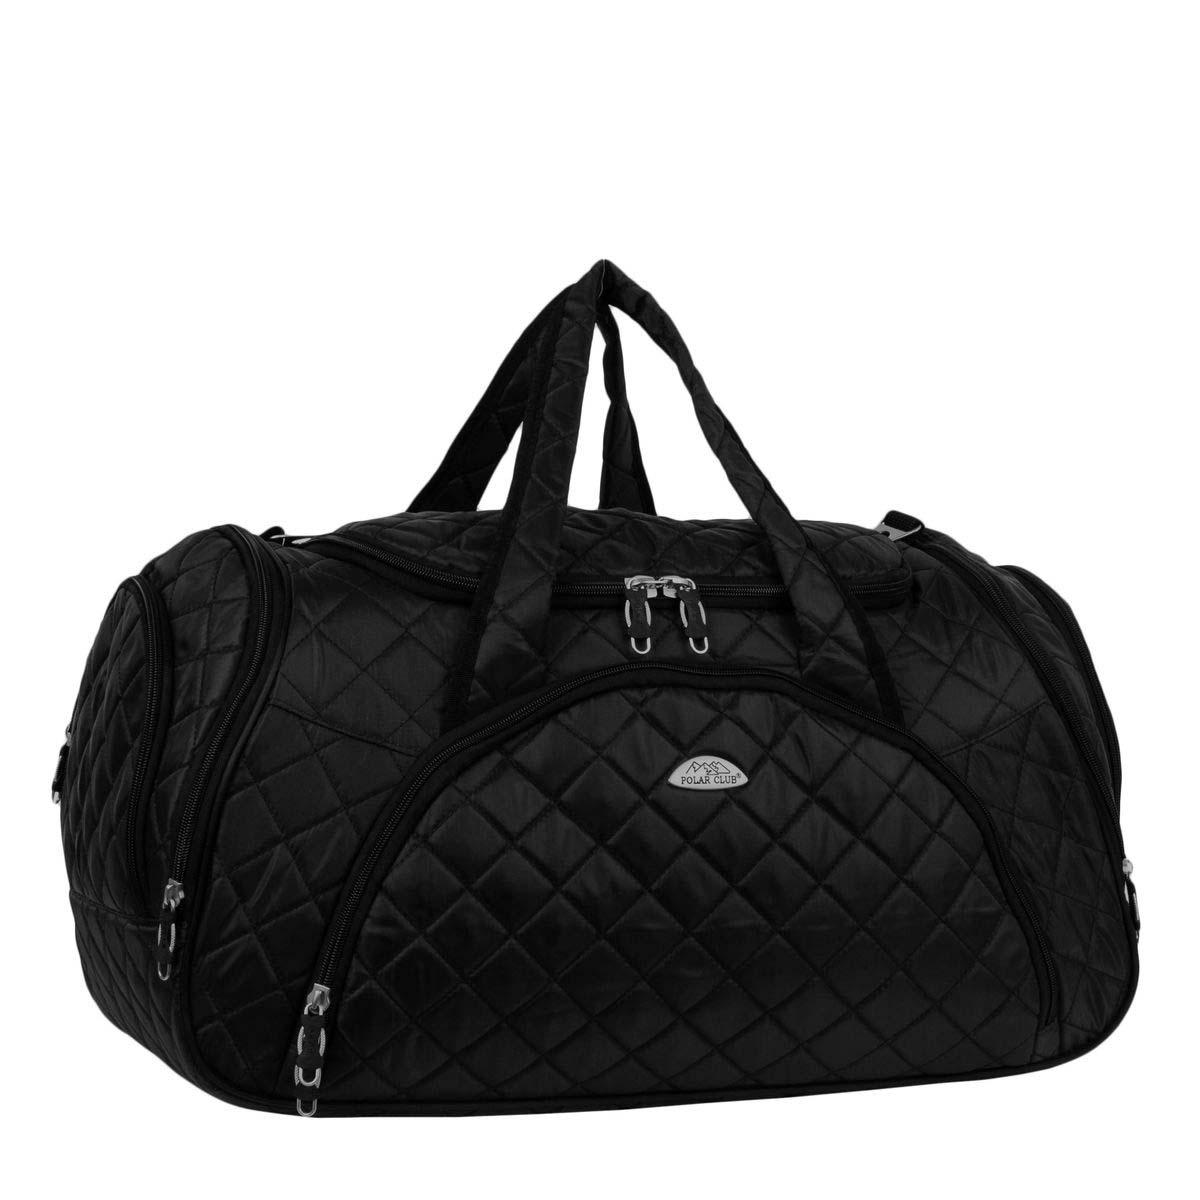 Сумка дорожная Polar, 35 л, цвет: черный. 70697069Вместительная и удобная дорожная сумка Polar . Основное отделение закрывается на молнию. Один из боковых карманов предназначен для обуви, мокрых вещей. Дополнительно снаружи большой карман на молнии спереди сумки и небольшие карманы по бокам. Сумка имеет мягкую конструкцию. В комплекте регулируемый съемный плечевой ремень.